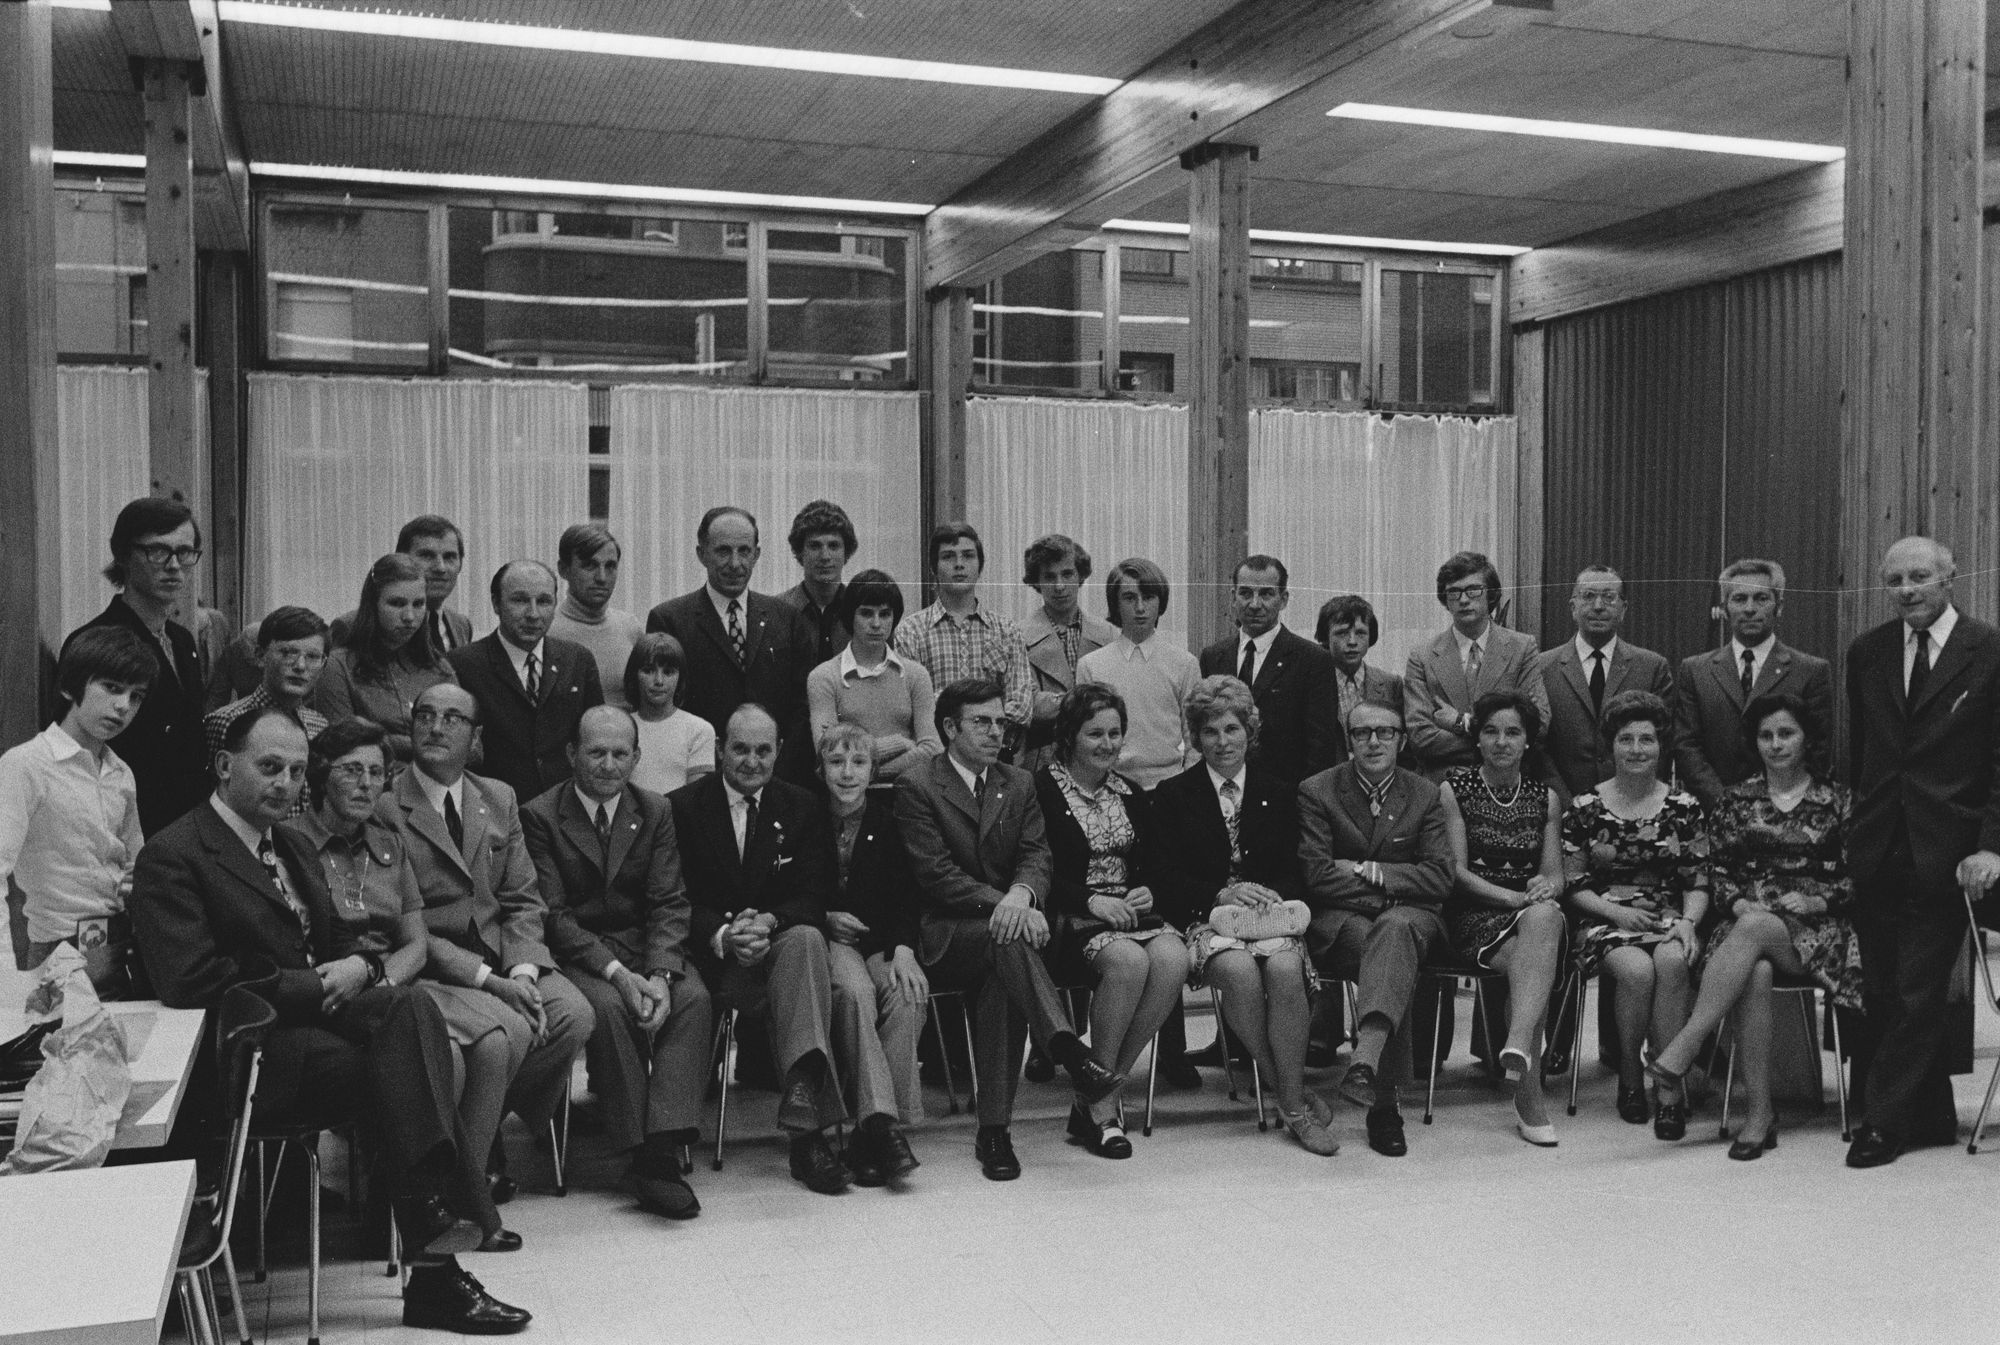 Groepsfoto naar aanleiding van 50 jaar CM